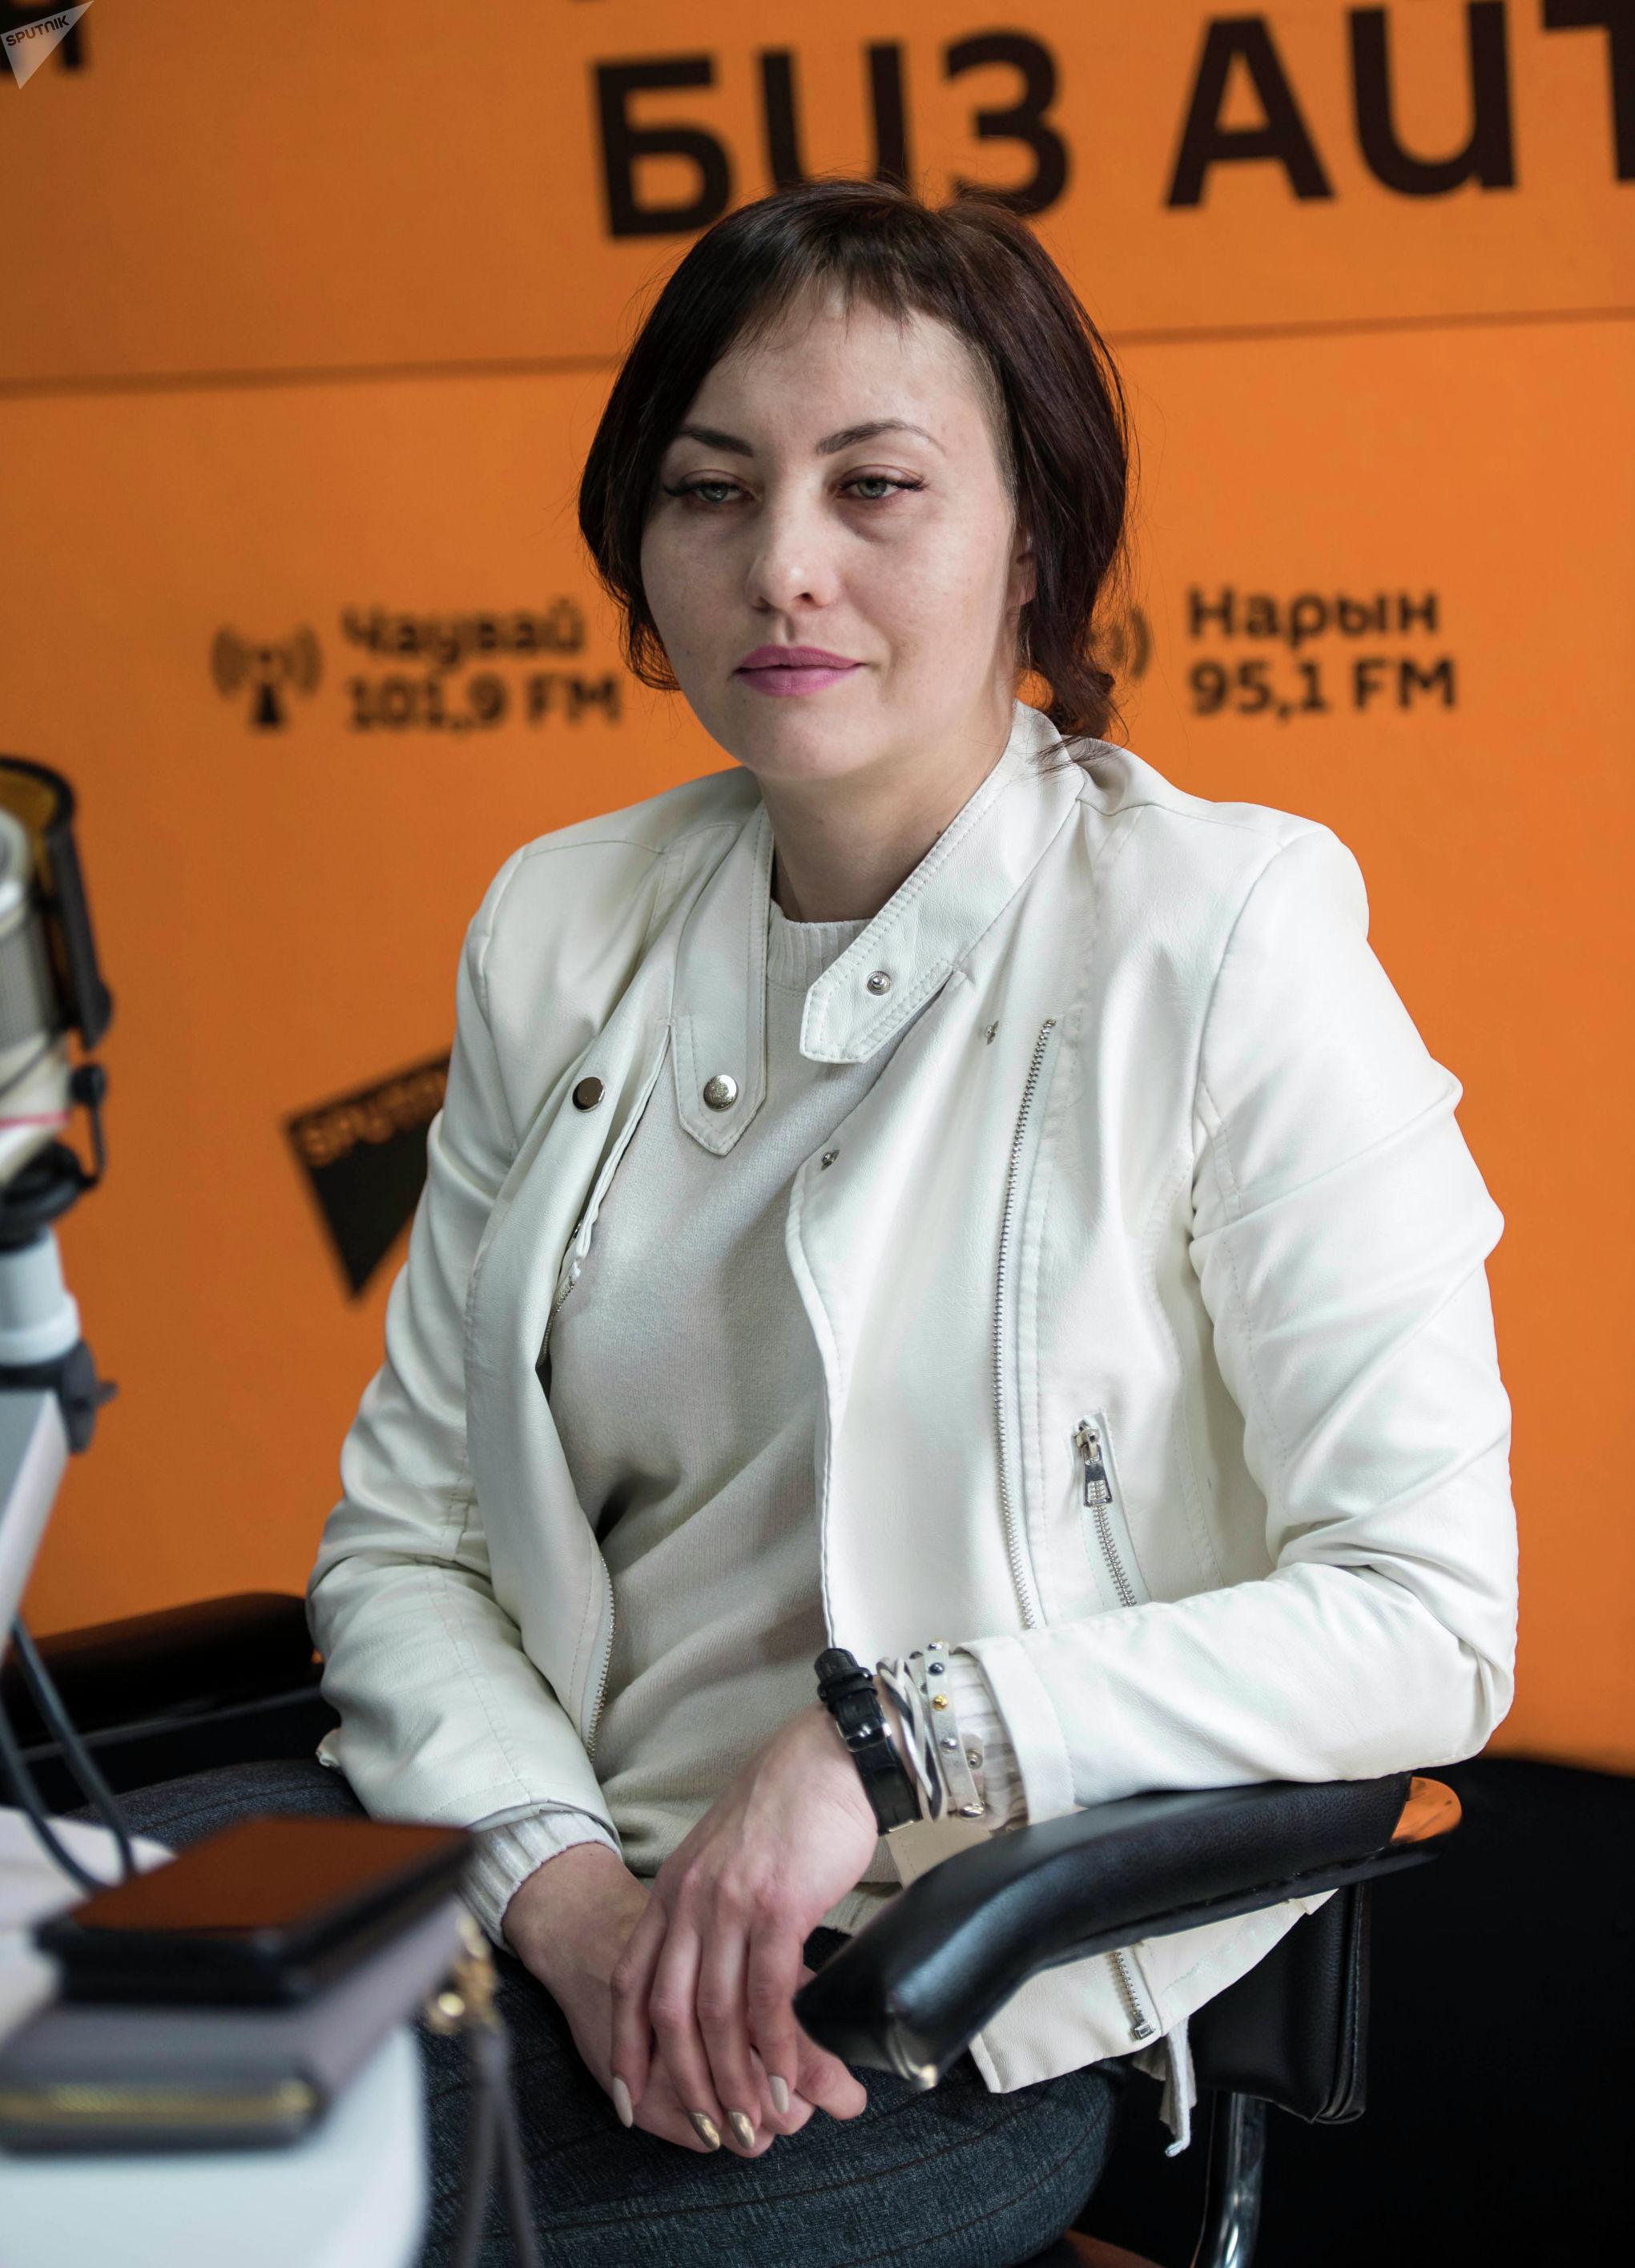 Представитель инициативной группы СОБ Валерия Садыгалиева во время беседы на радио Sputnik Кыргызстан